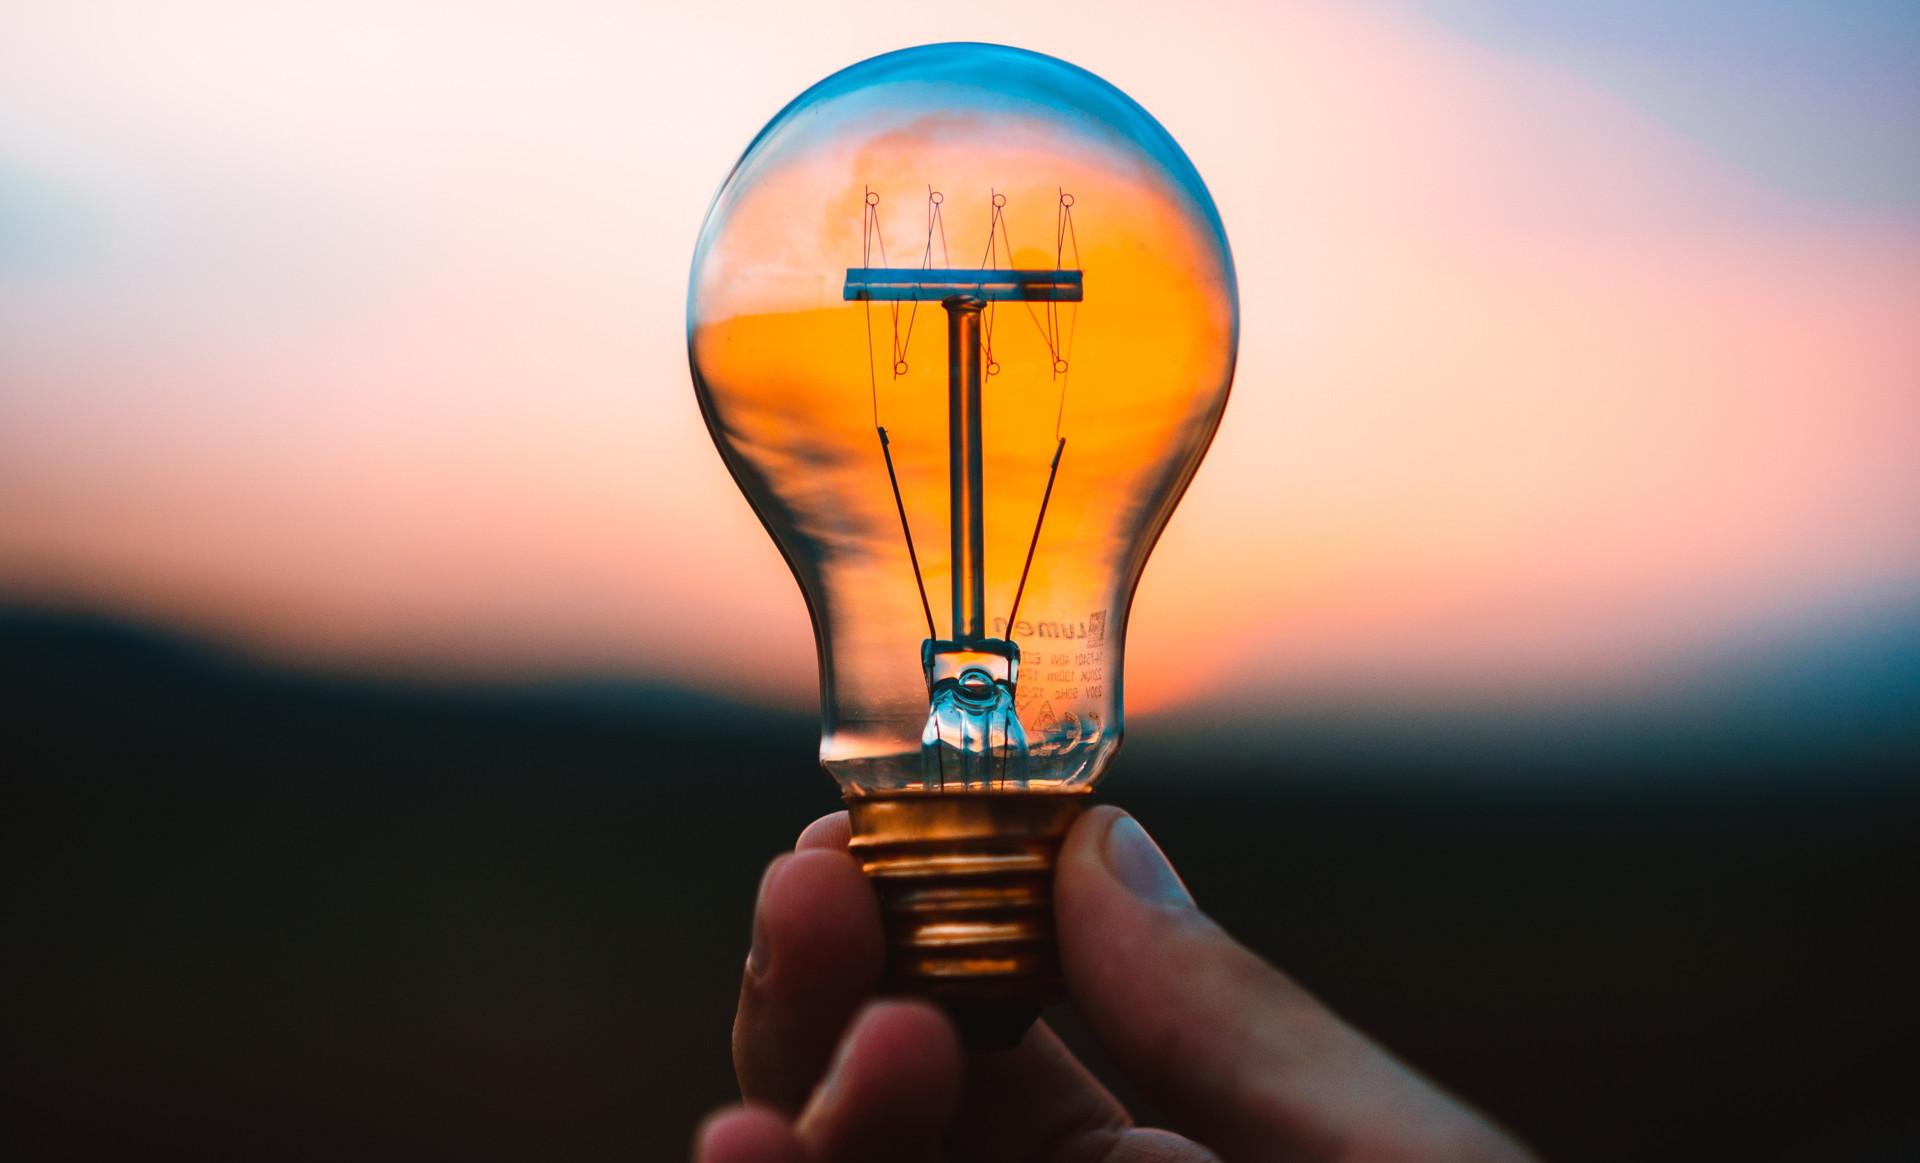 7 ý tưởng kinh doanh đơn giản không cần vốn đừng nên bỏ qua